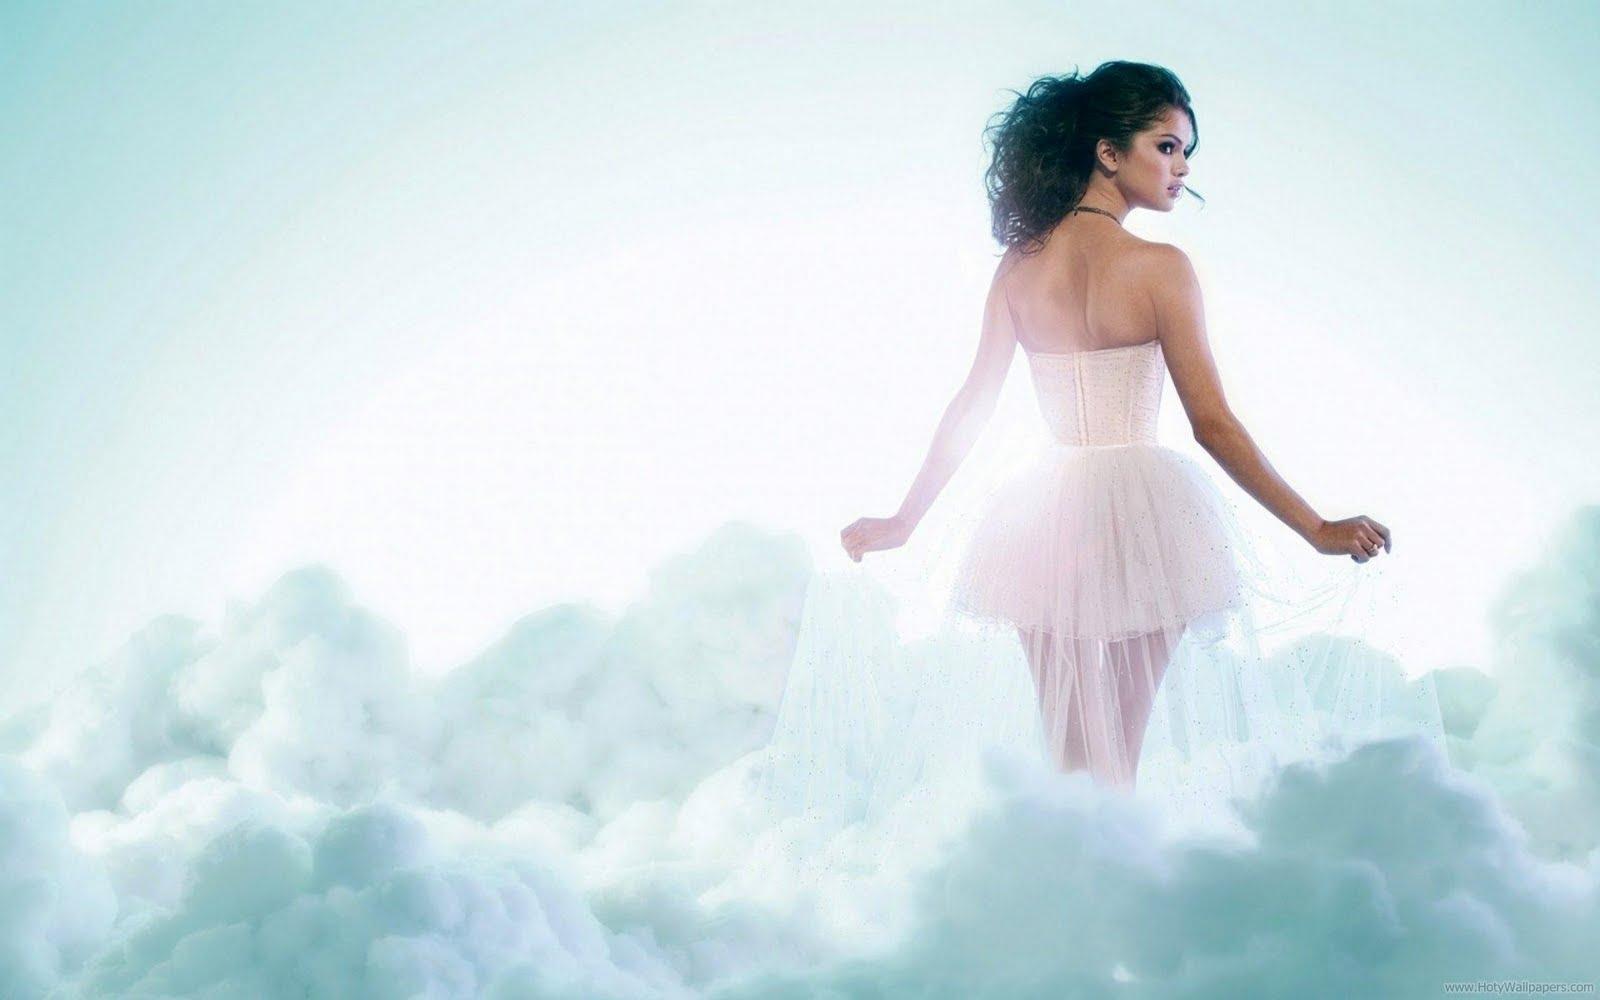 http://2.bp.blogspot.com/-07N7b-VW9n0/TxA5NODjBdI/AAAAAAAABpA/e9mLrSeBylo/s1600/Angel_Selena_Gomez_wallpaper.jpg